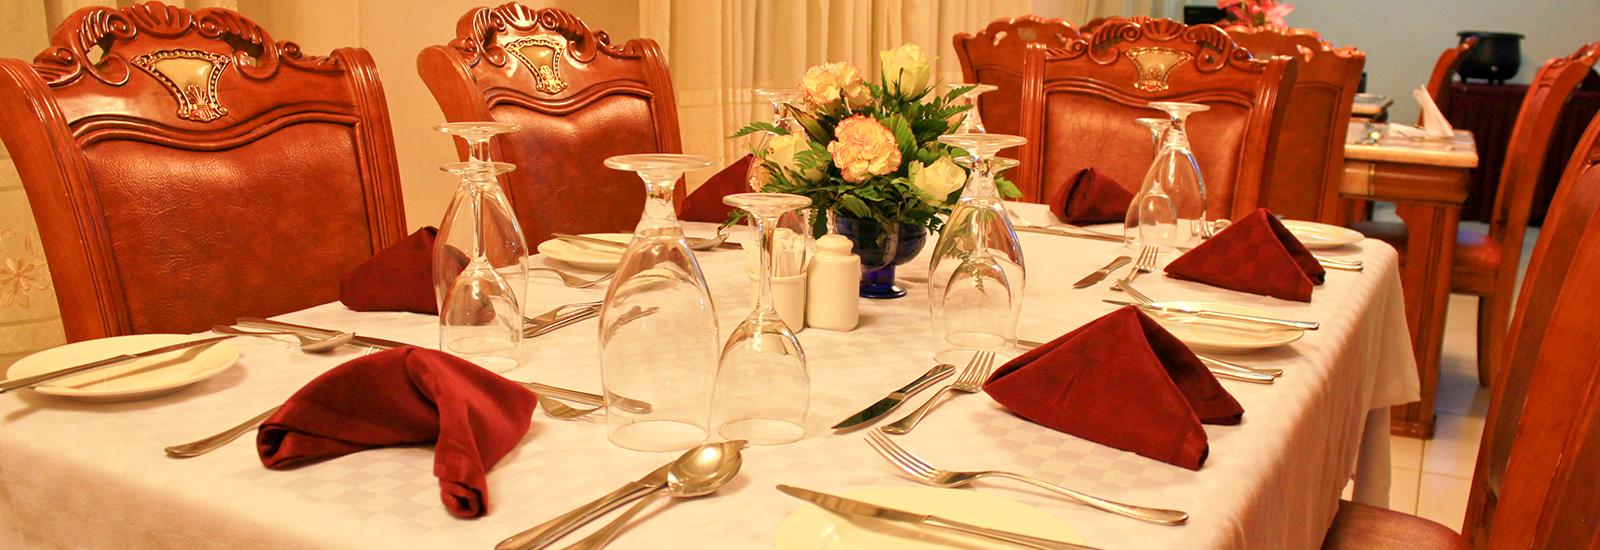 Hennessis-Hotel-Restaurant